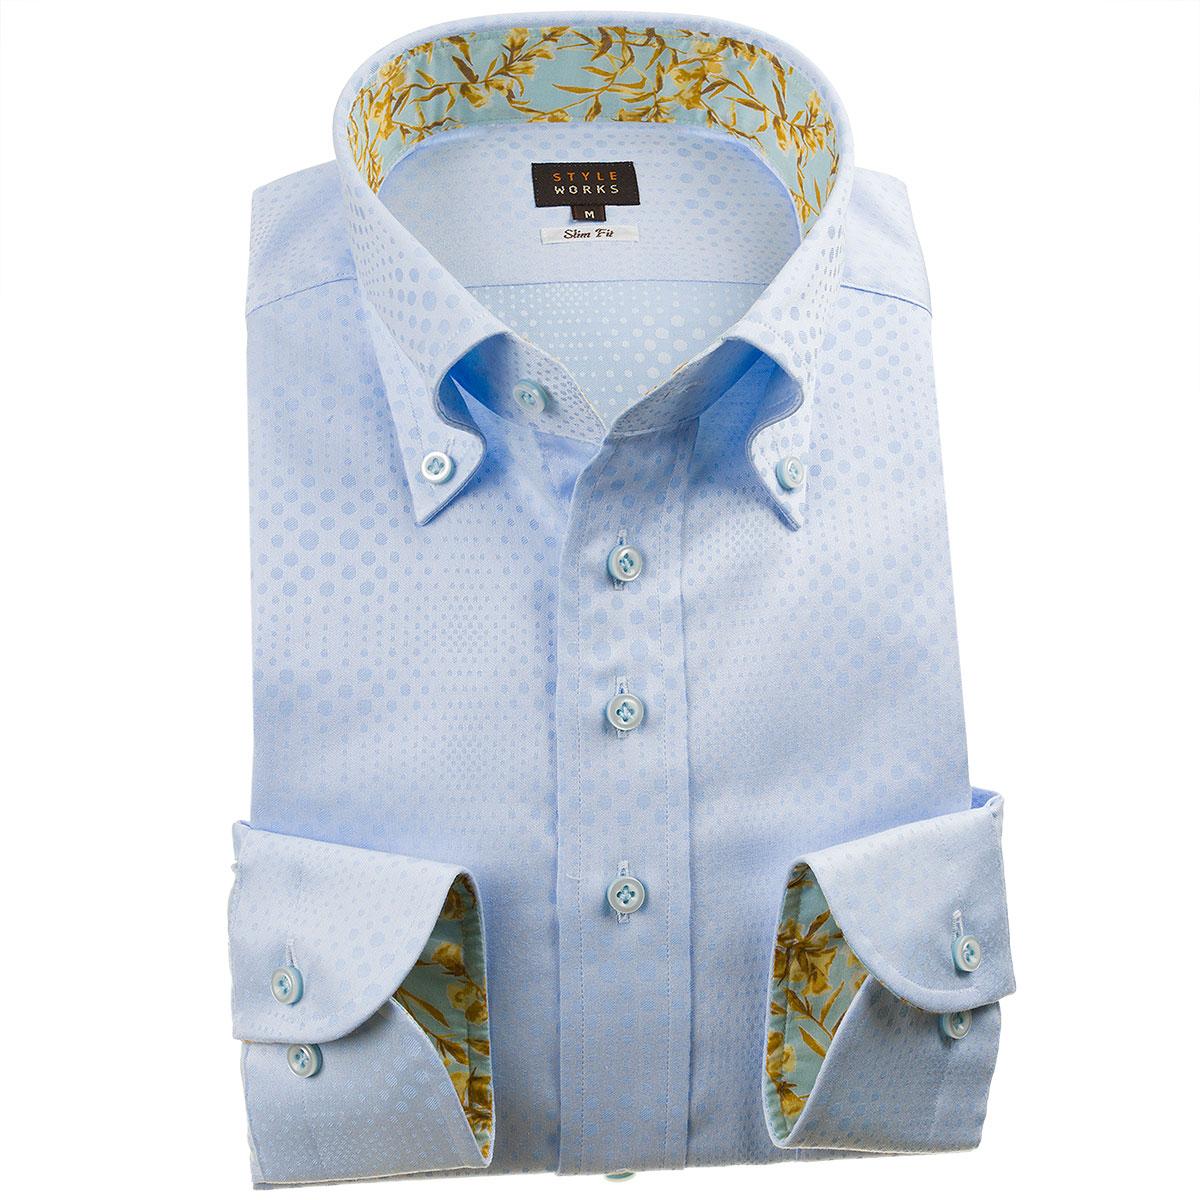 国産長袖綿100%ドレスシャツ スリムフィット ボタンダウン ジャガード グラデーションシャワースポットドット スカイブルー 1912メンズ